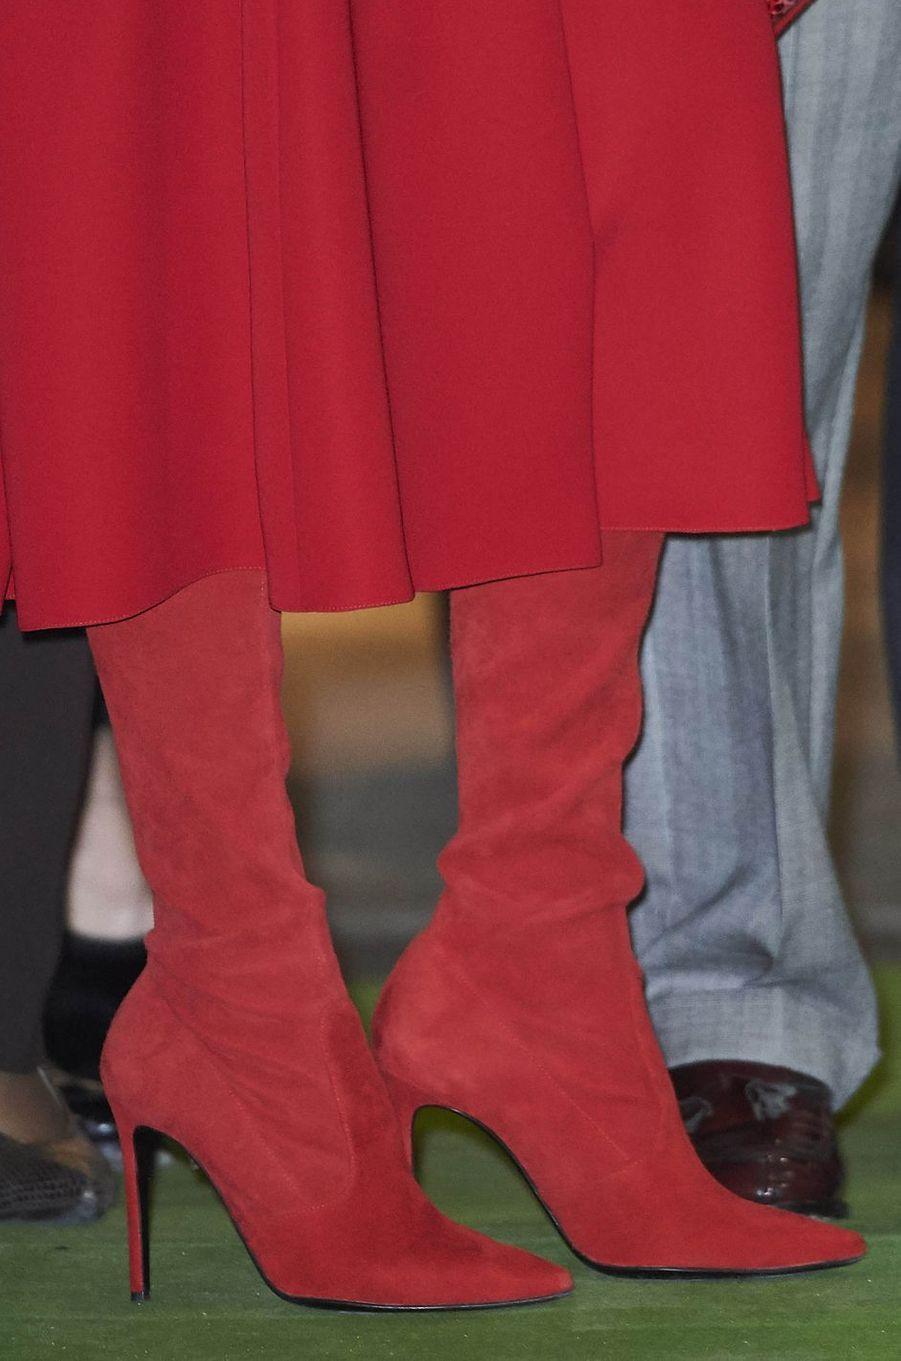 Les bottes de la reine Letizia d'Espagne à Madrid, le 22 février 2018